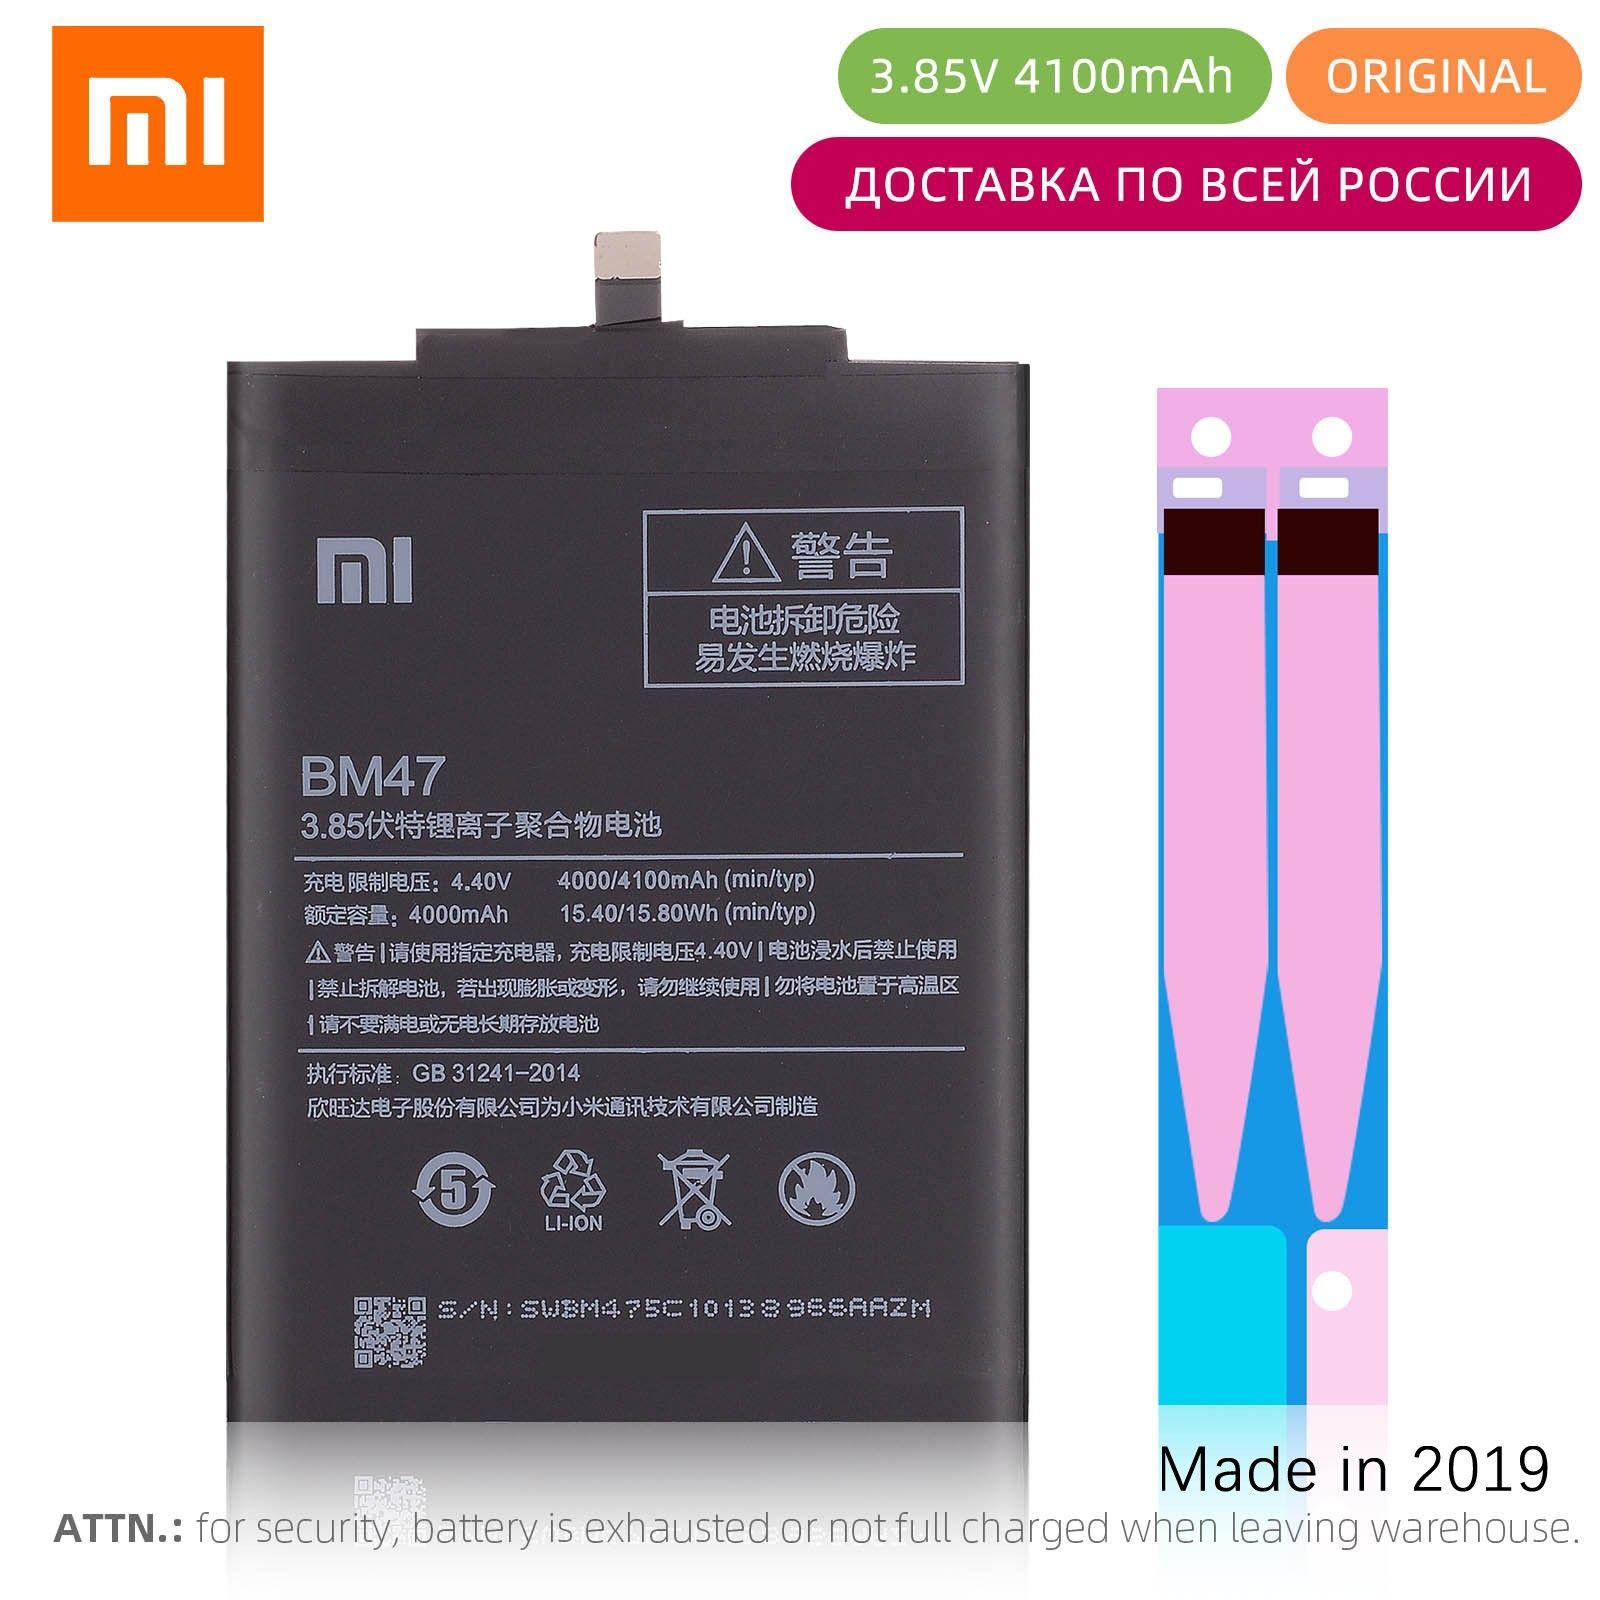 BM47 4000mAh pour XIAOMI Redmi 4X batterie d'origine Xiaomi Redmi 3S batterie Redmi 3 3 Pro 3X 4X Pro 4X Prime remplacement BM 47